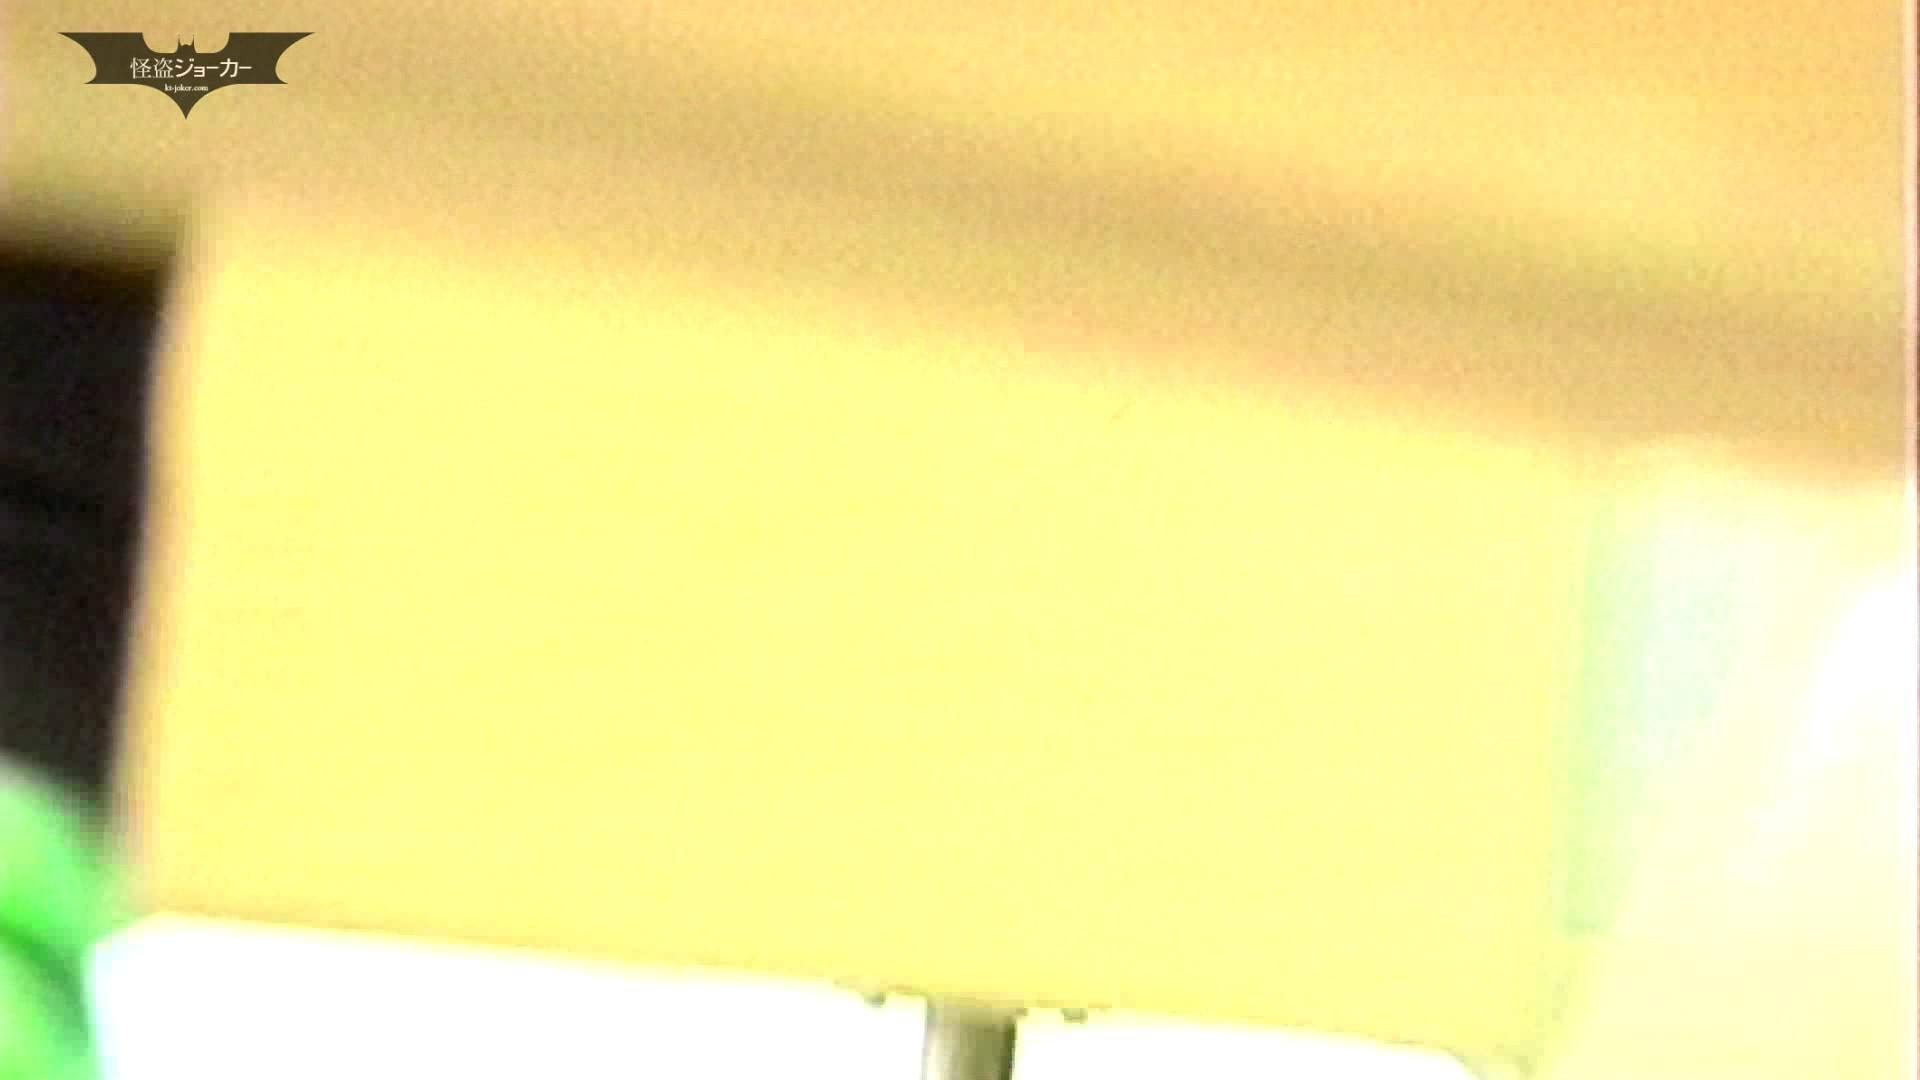 女の子の休み時間のひととき Vol.06 盗撮 おまんこ無修正動画無料 70PIX 66